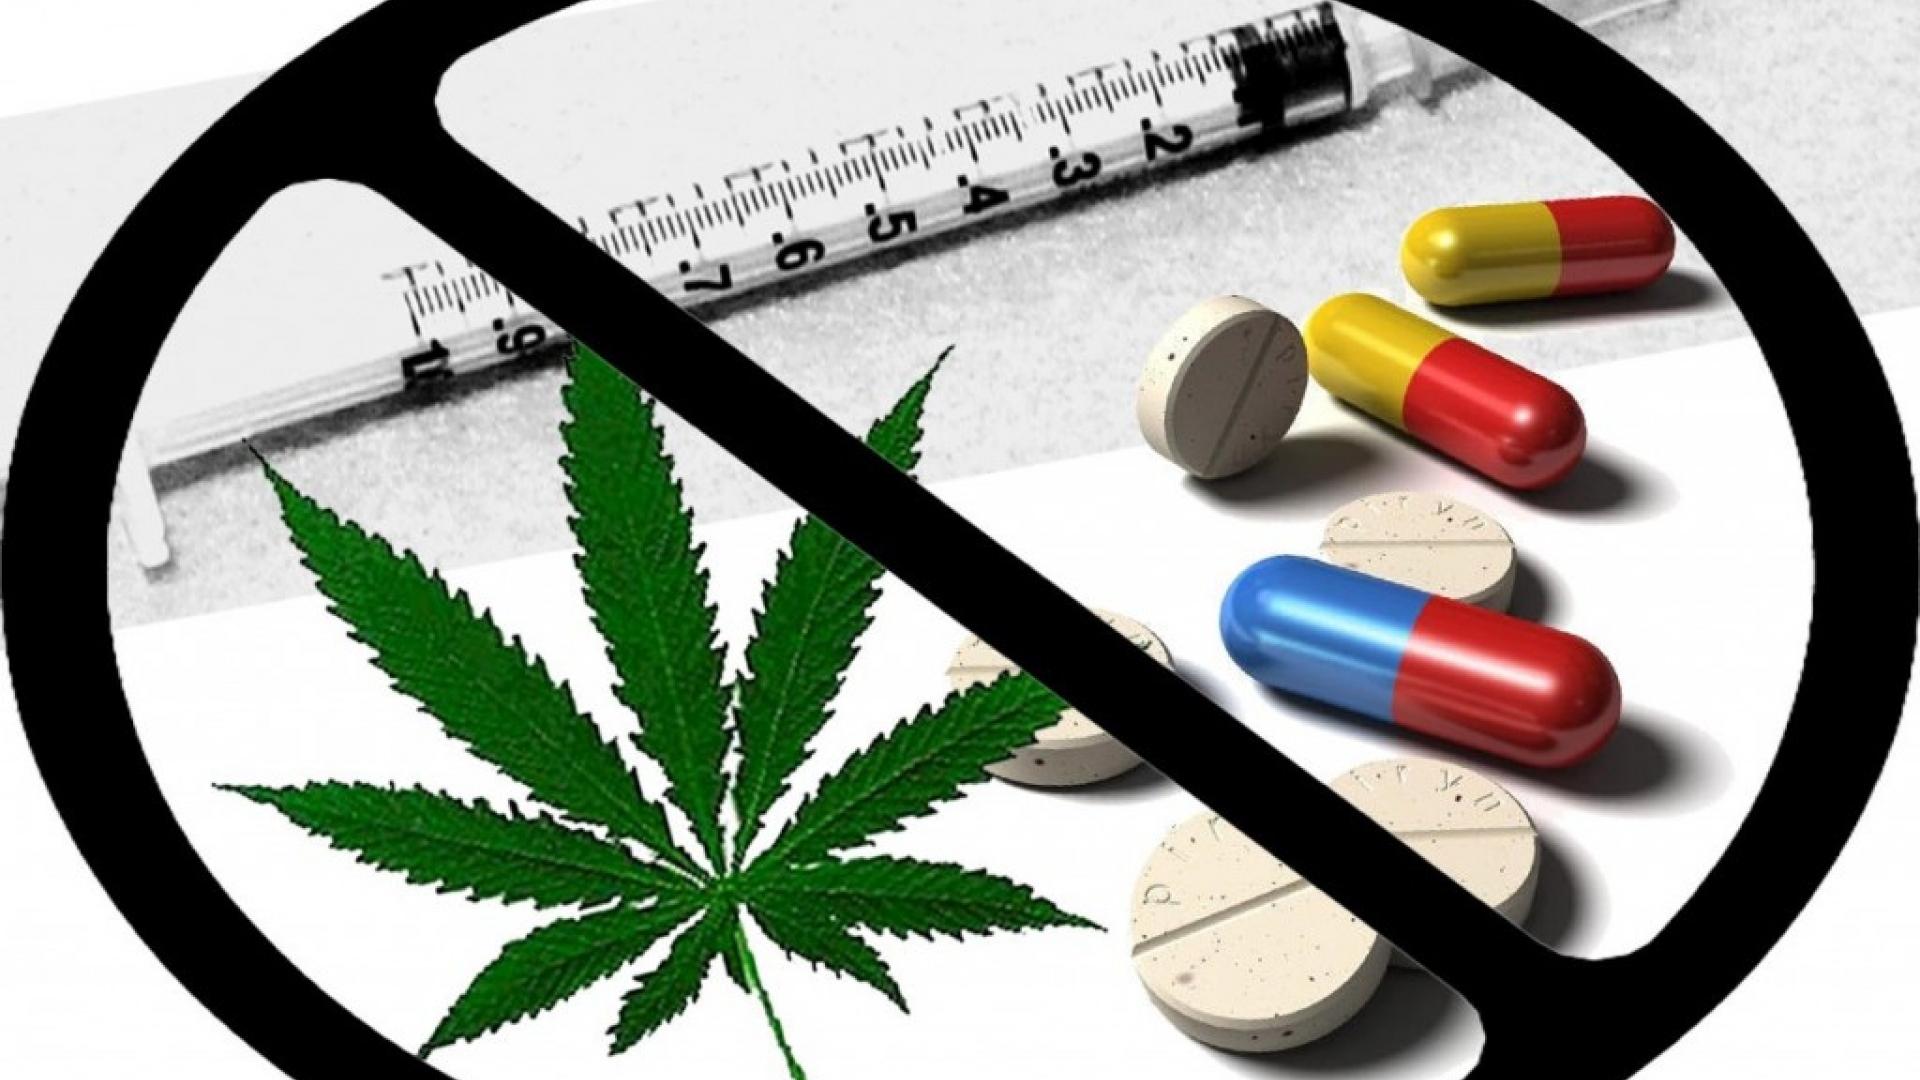 26 юни е Международен ден за борба с наркотиците